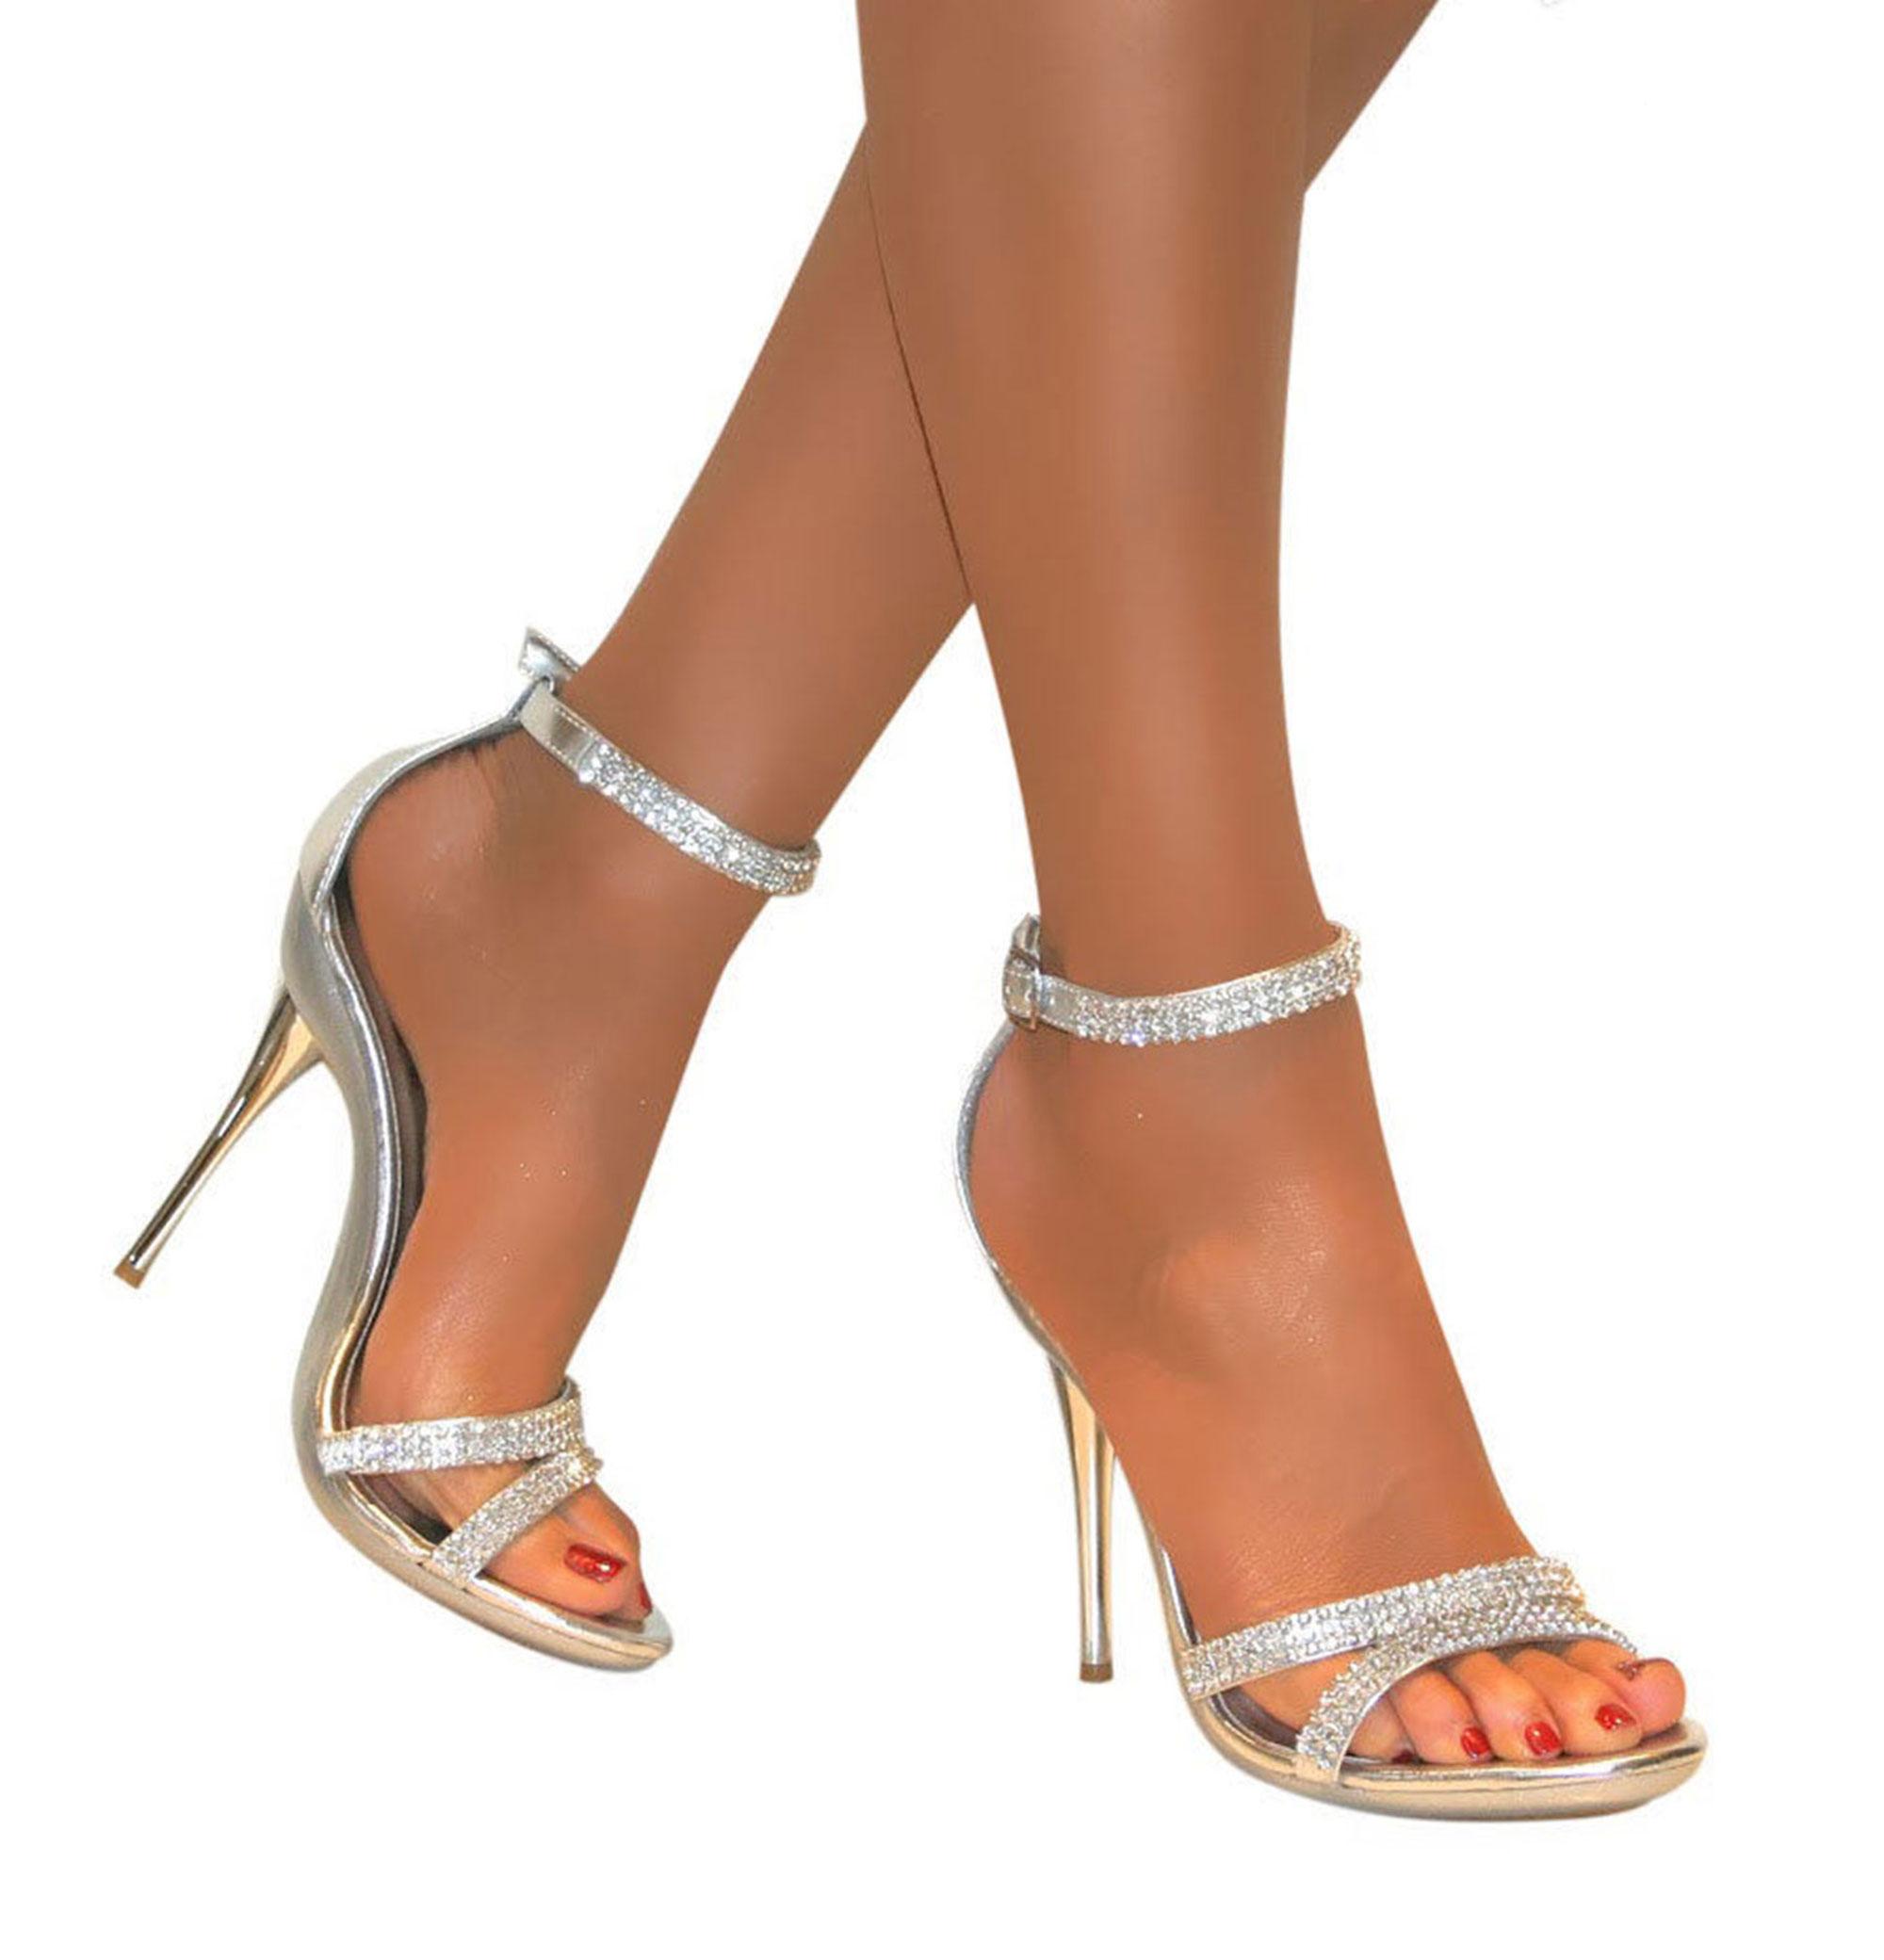 af22ec9c1bc Silver Sandals for Wedding